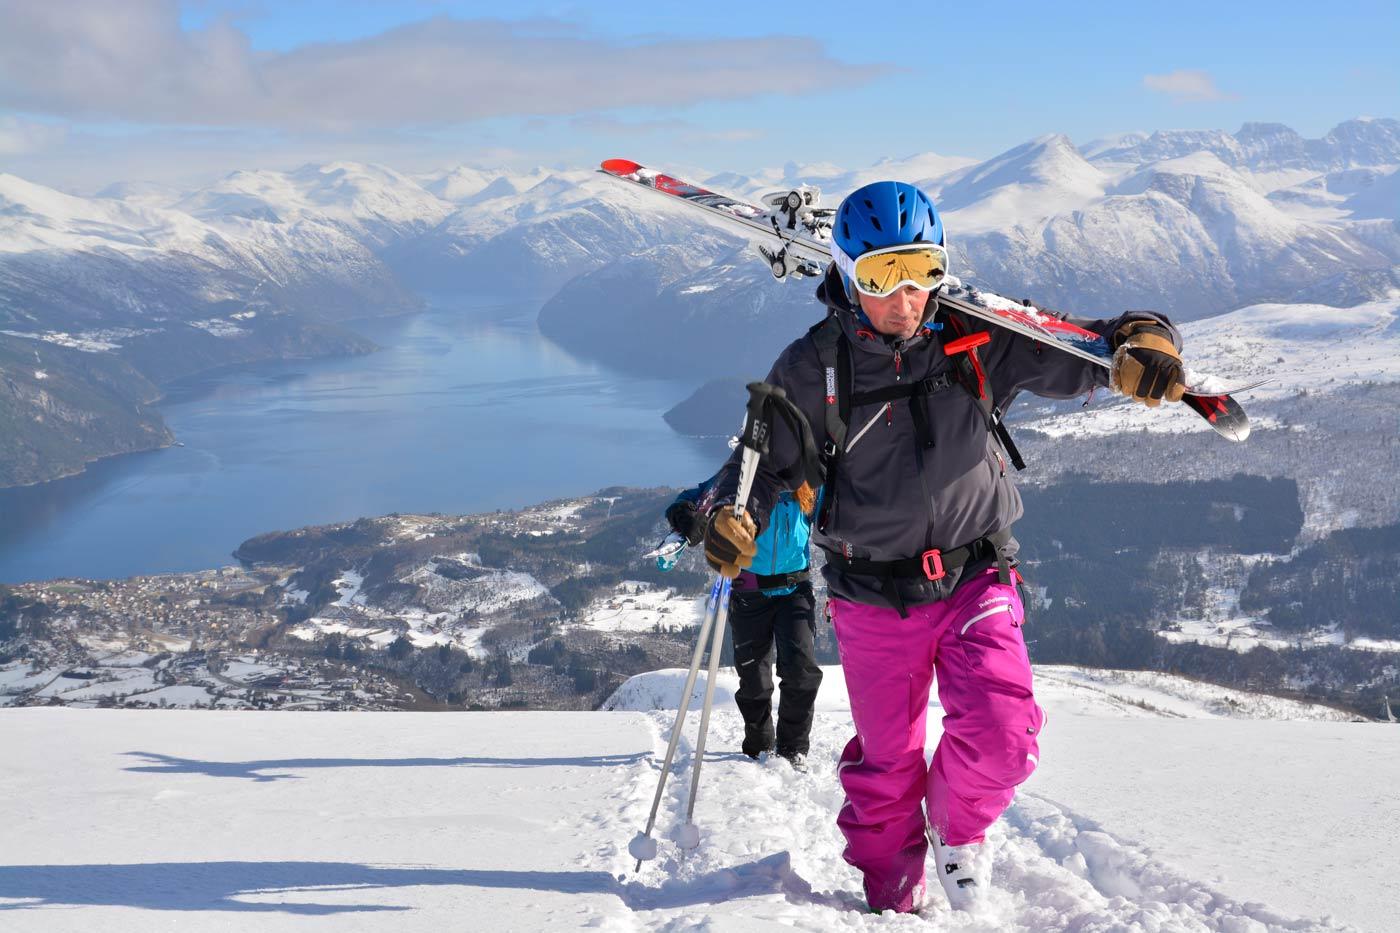 Skiën in skigebied Stranda in Noorwegen